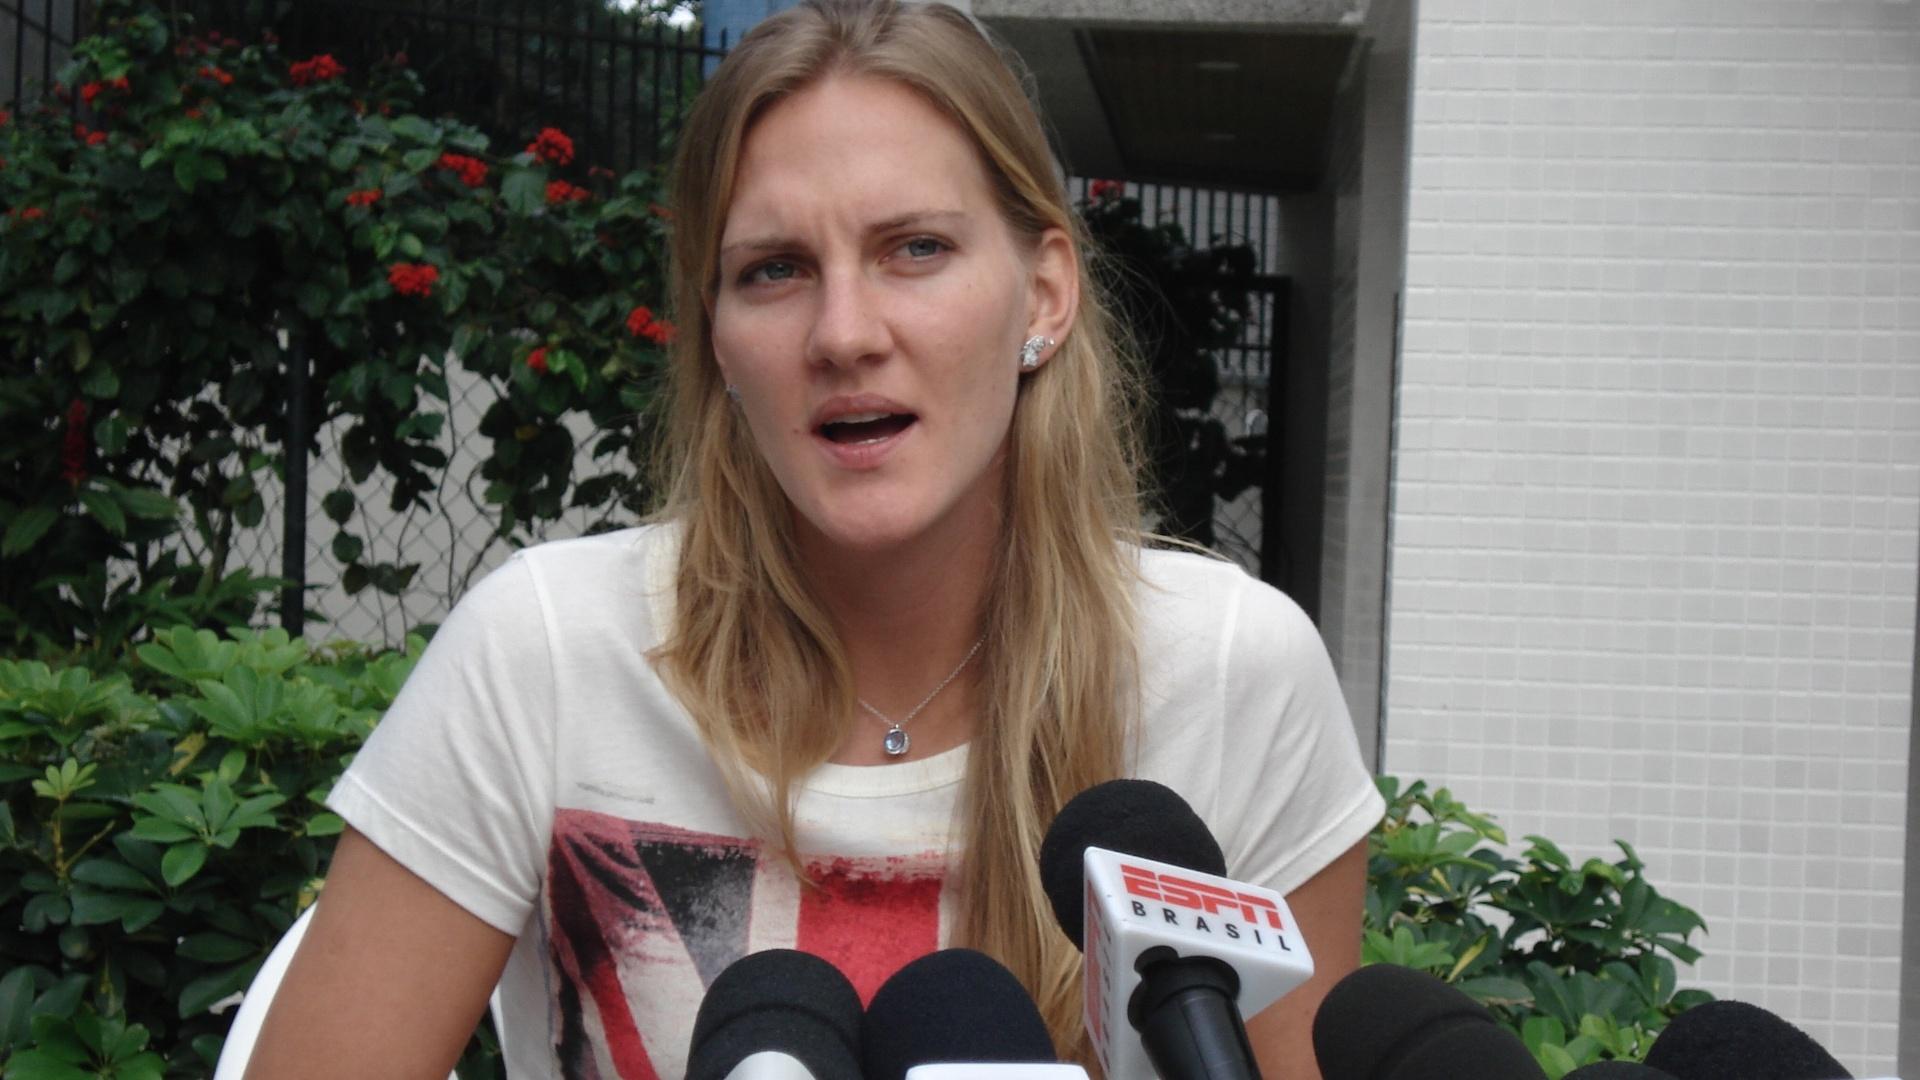 Mari concede entrevista coletiva dois dias após ser cortada da seleção brasileira de vôlei que irá aos Jogos de Londres (12/07/2012)